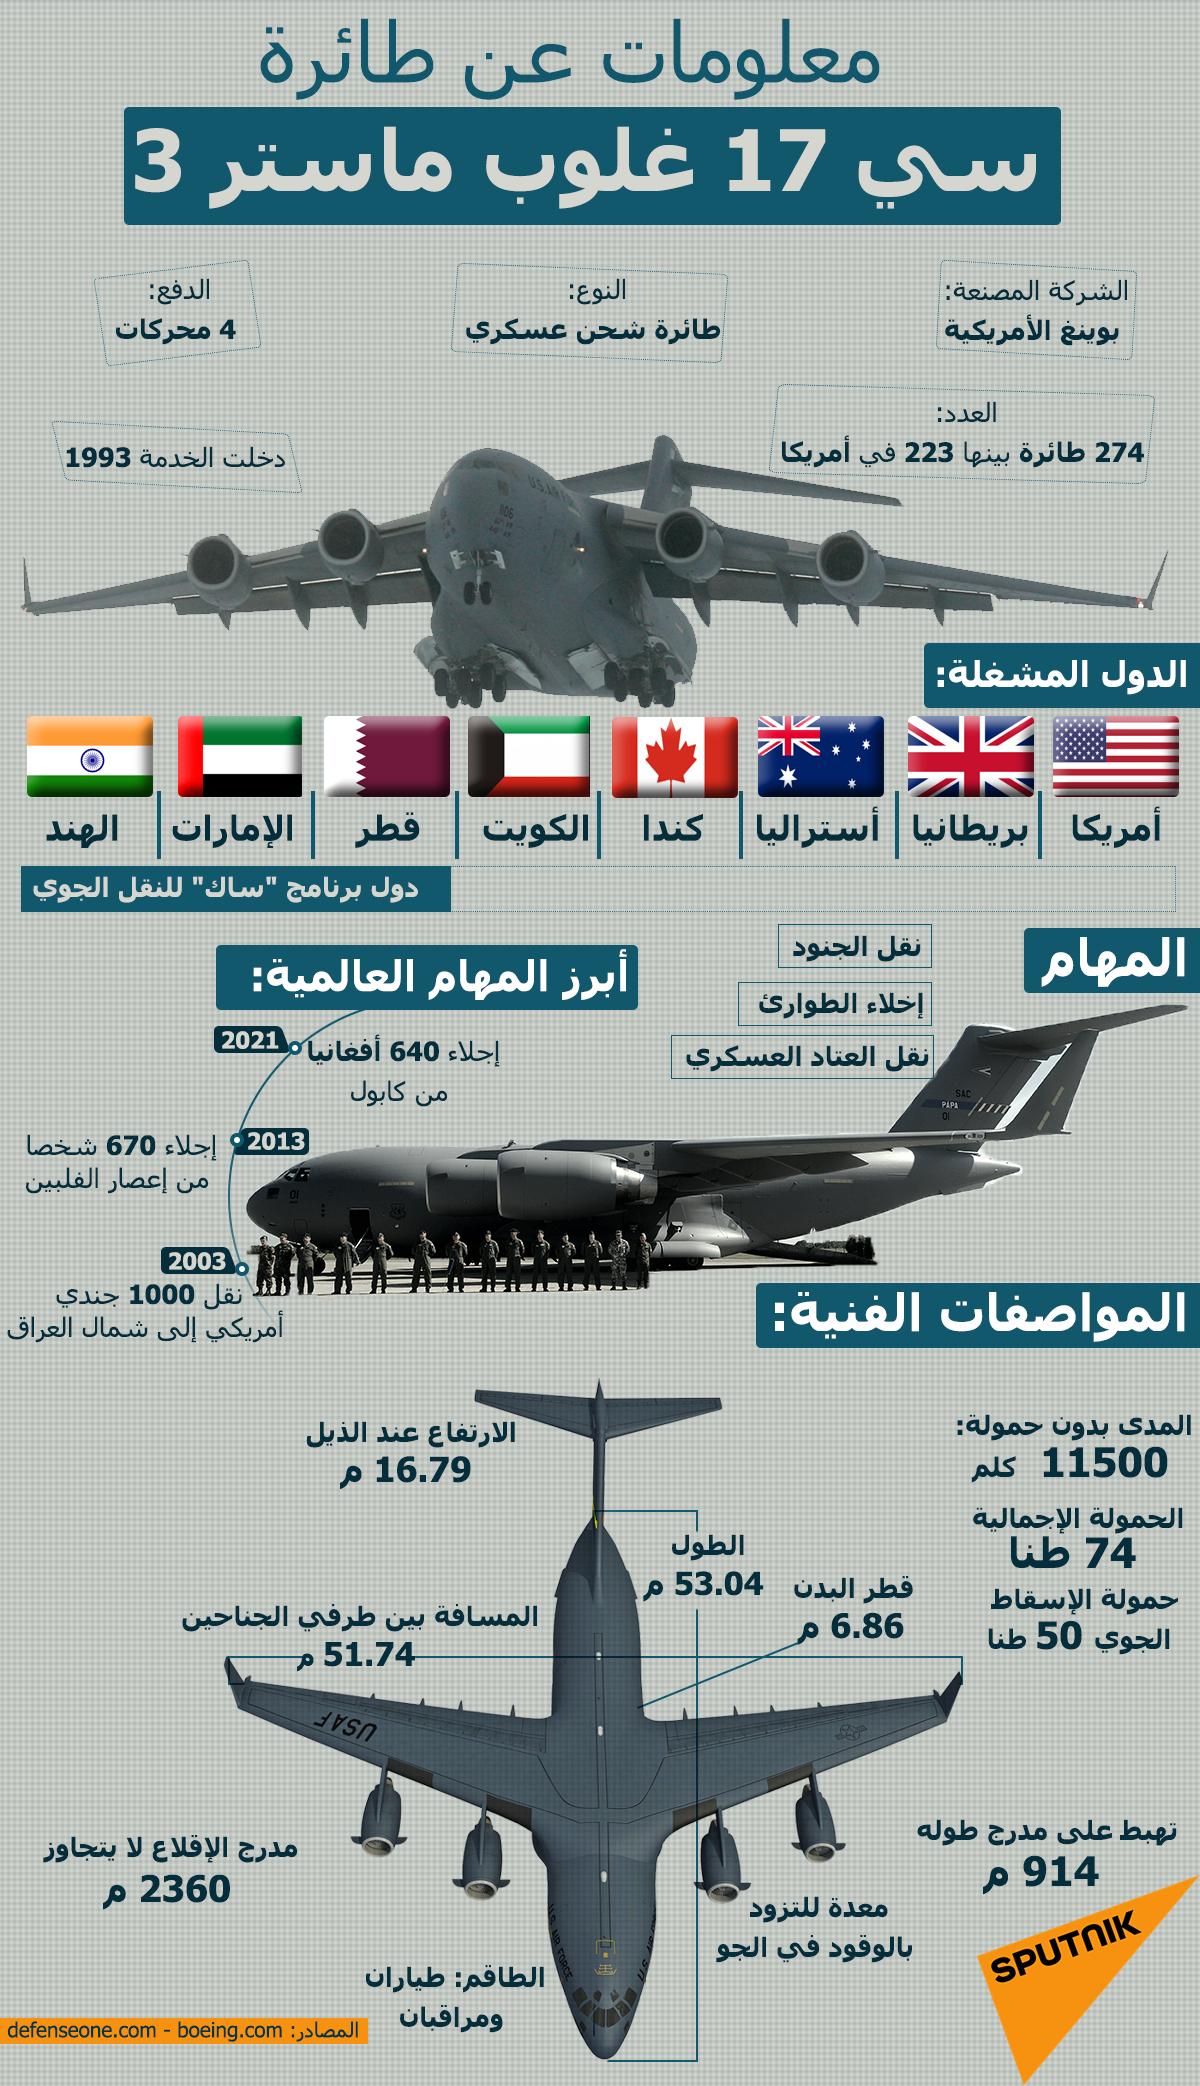 معلومات عن طائرة سي 17 غلوب ماستر 3